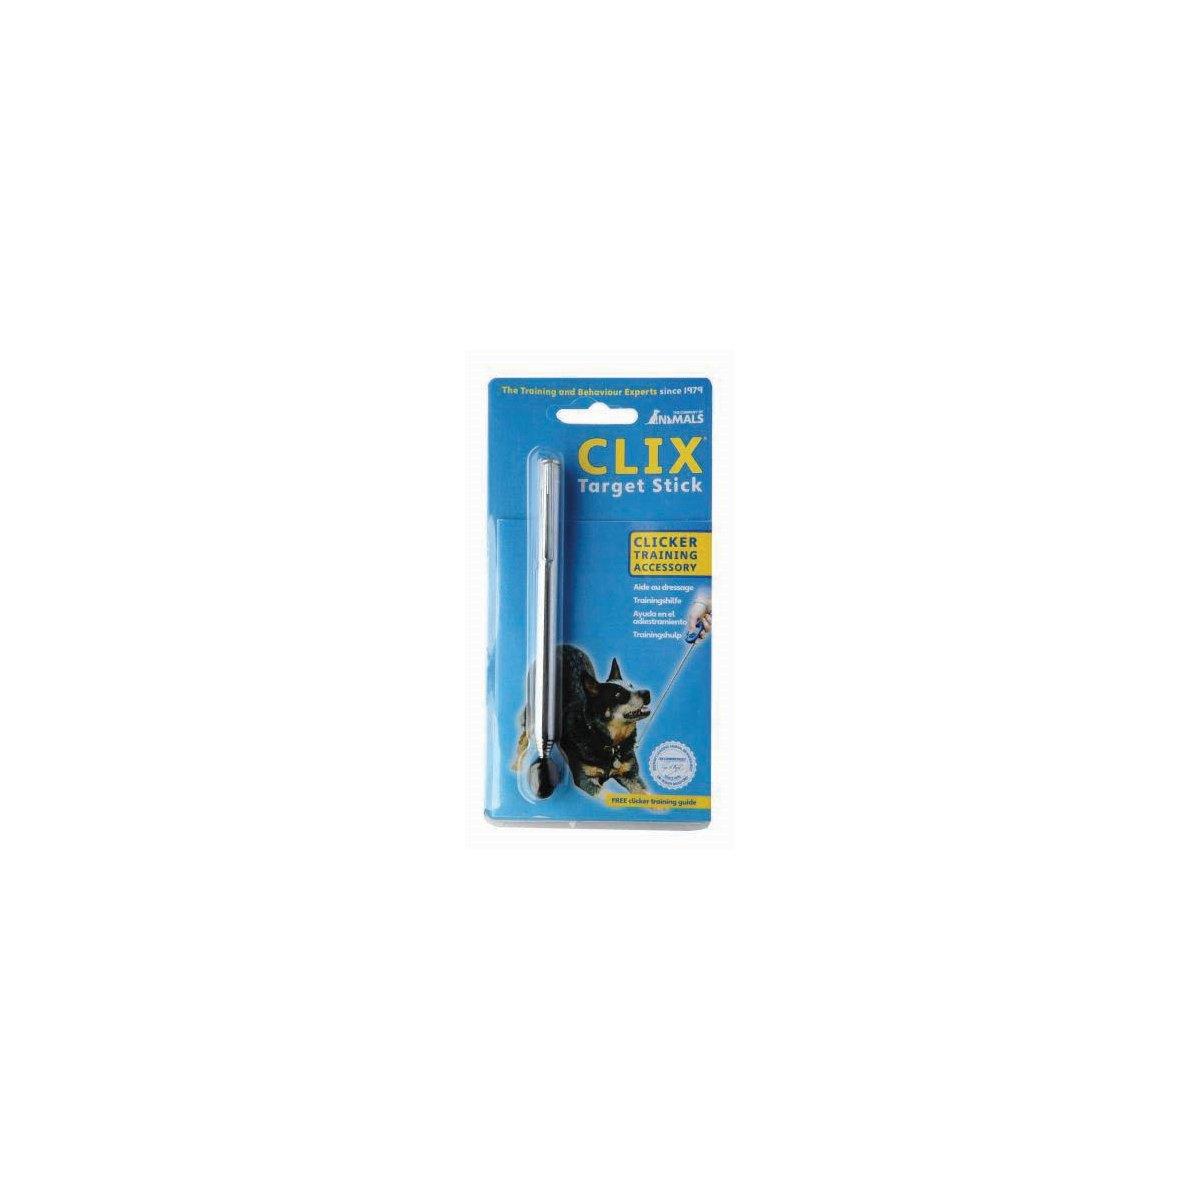 CLIX TARGET STICK 00001